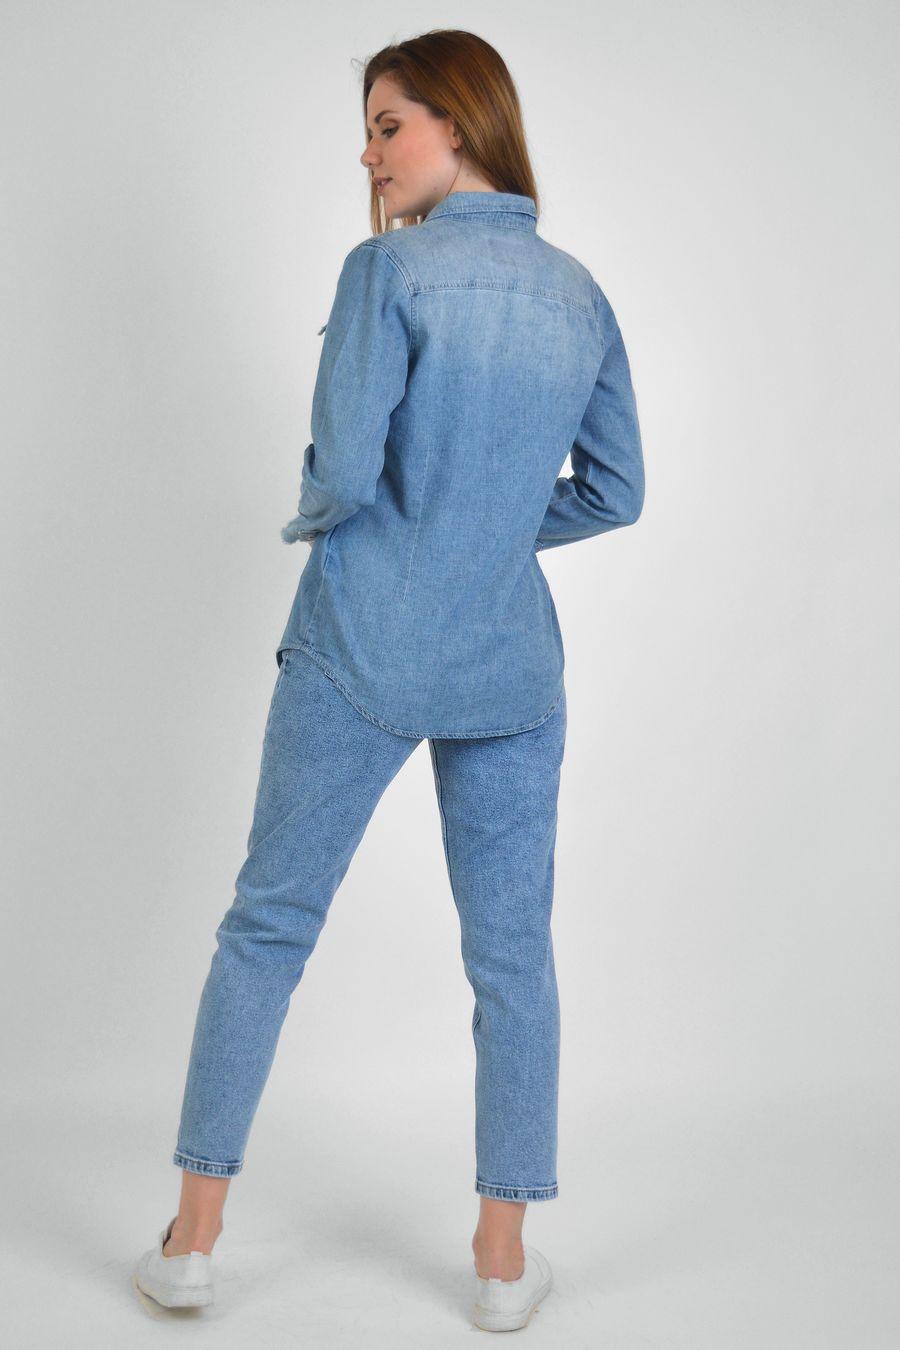 Рубашка женская Baccino 9662 джинсовая - фото 3